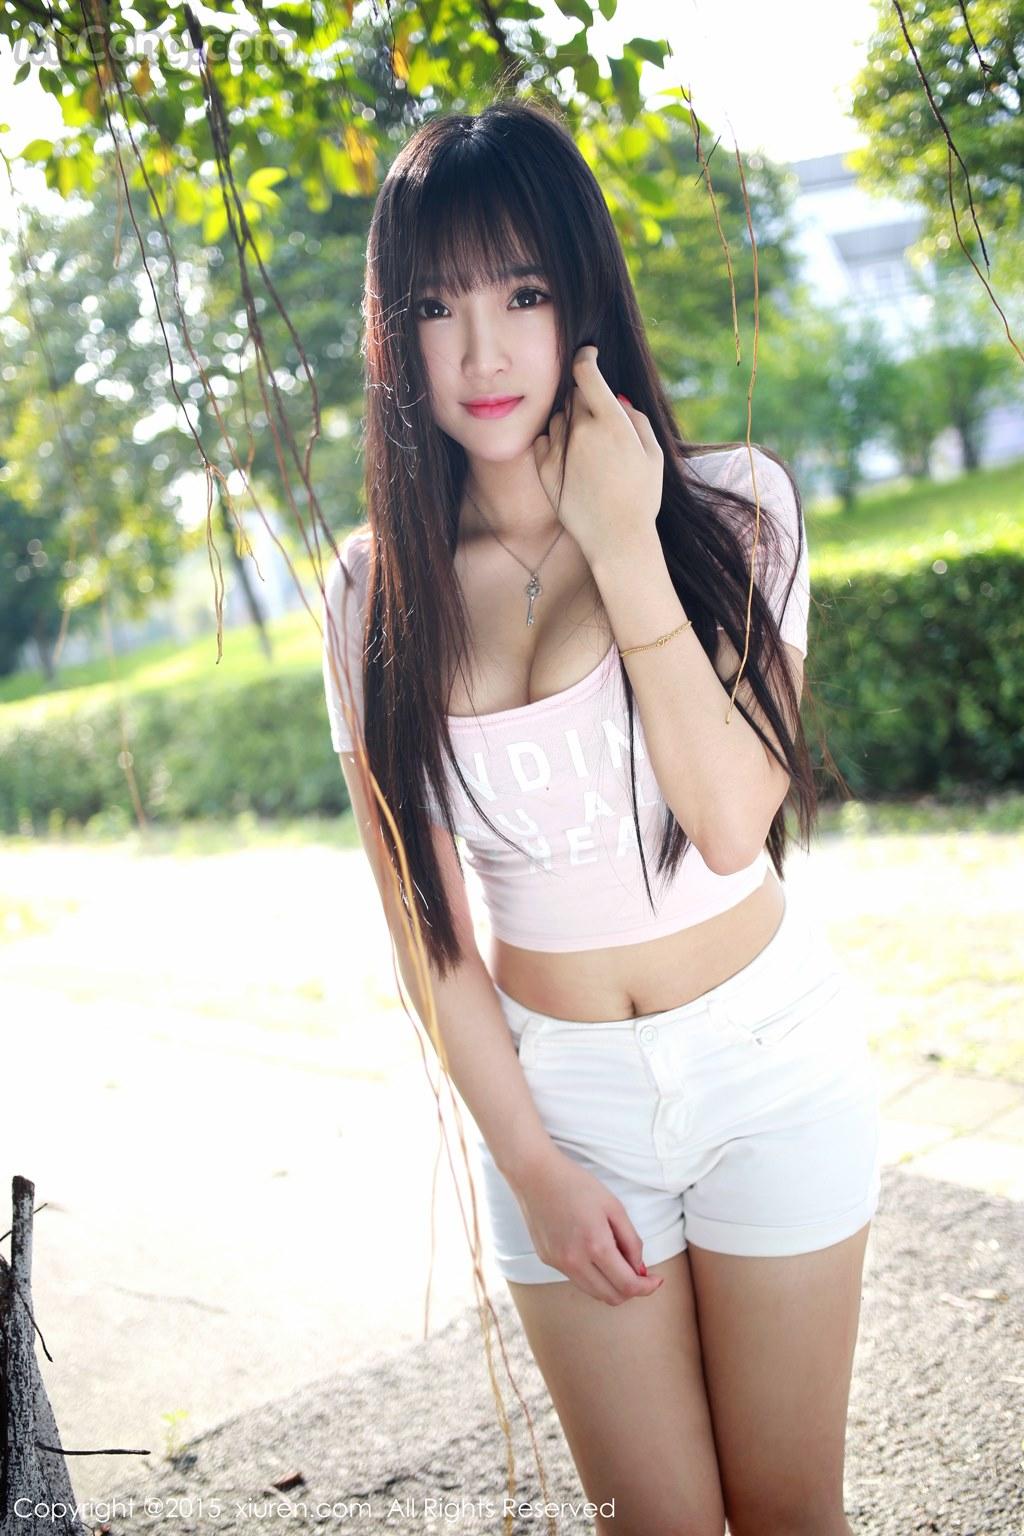 MrCong.com XIUREN No.345 Xia Yao baby 010 - XIUREN No.345: Model Xia Yao baby (夏 瑶 baby) (43 pictures)